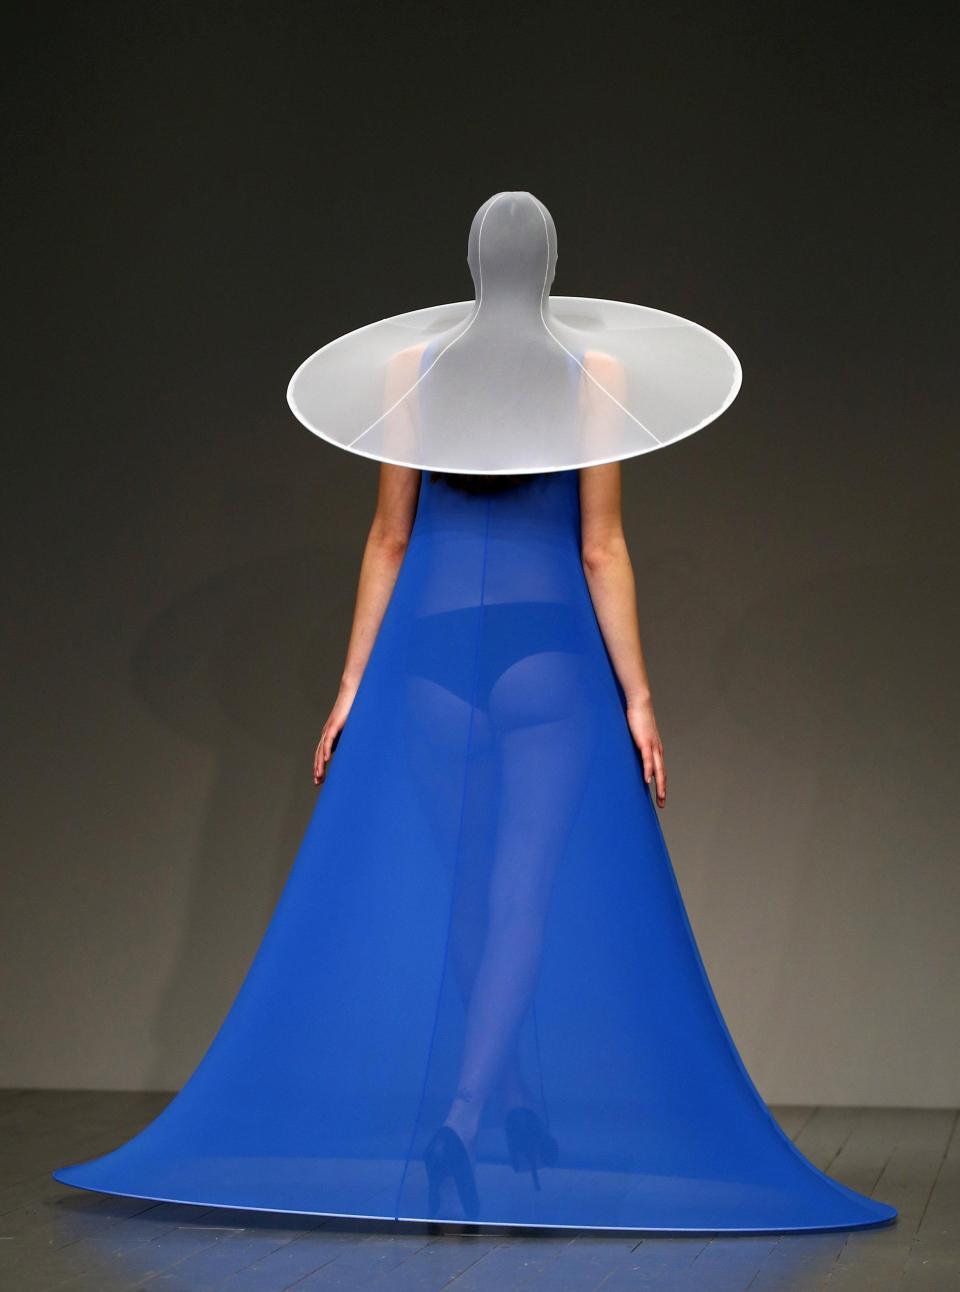 Платья-презервативы и одежда из матрасов на Неделе моды в Лондоне